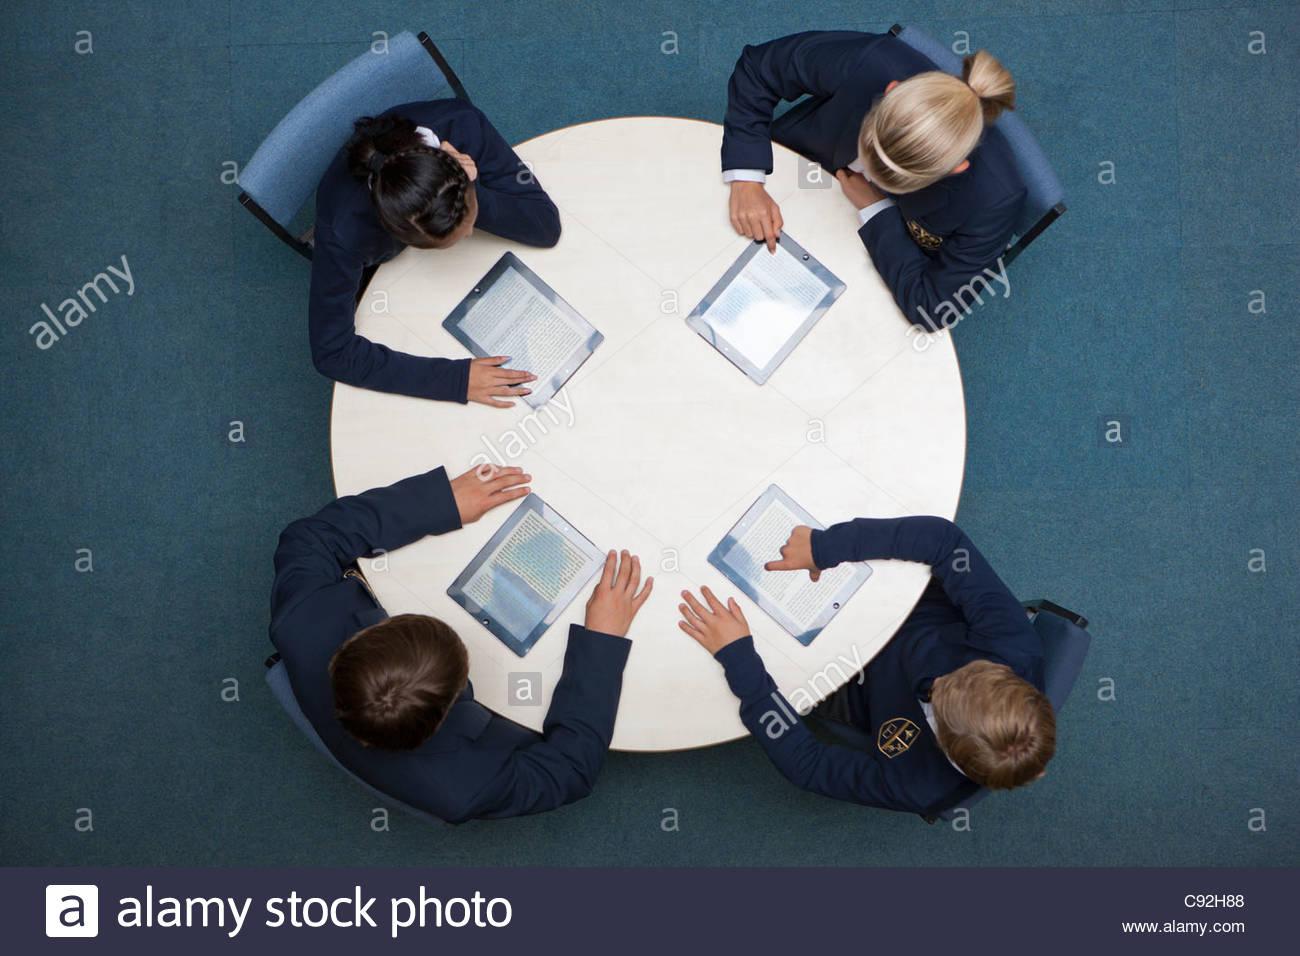 Schüler in Schuluniformen mit digitalen Tabletten am runden Tisch Stockbild